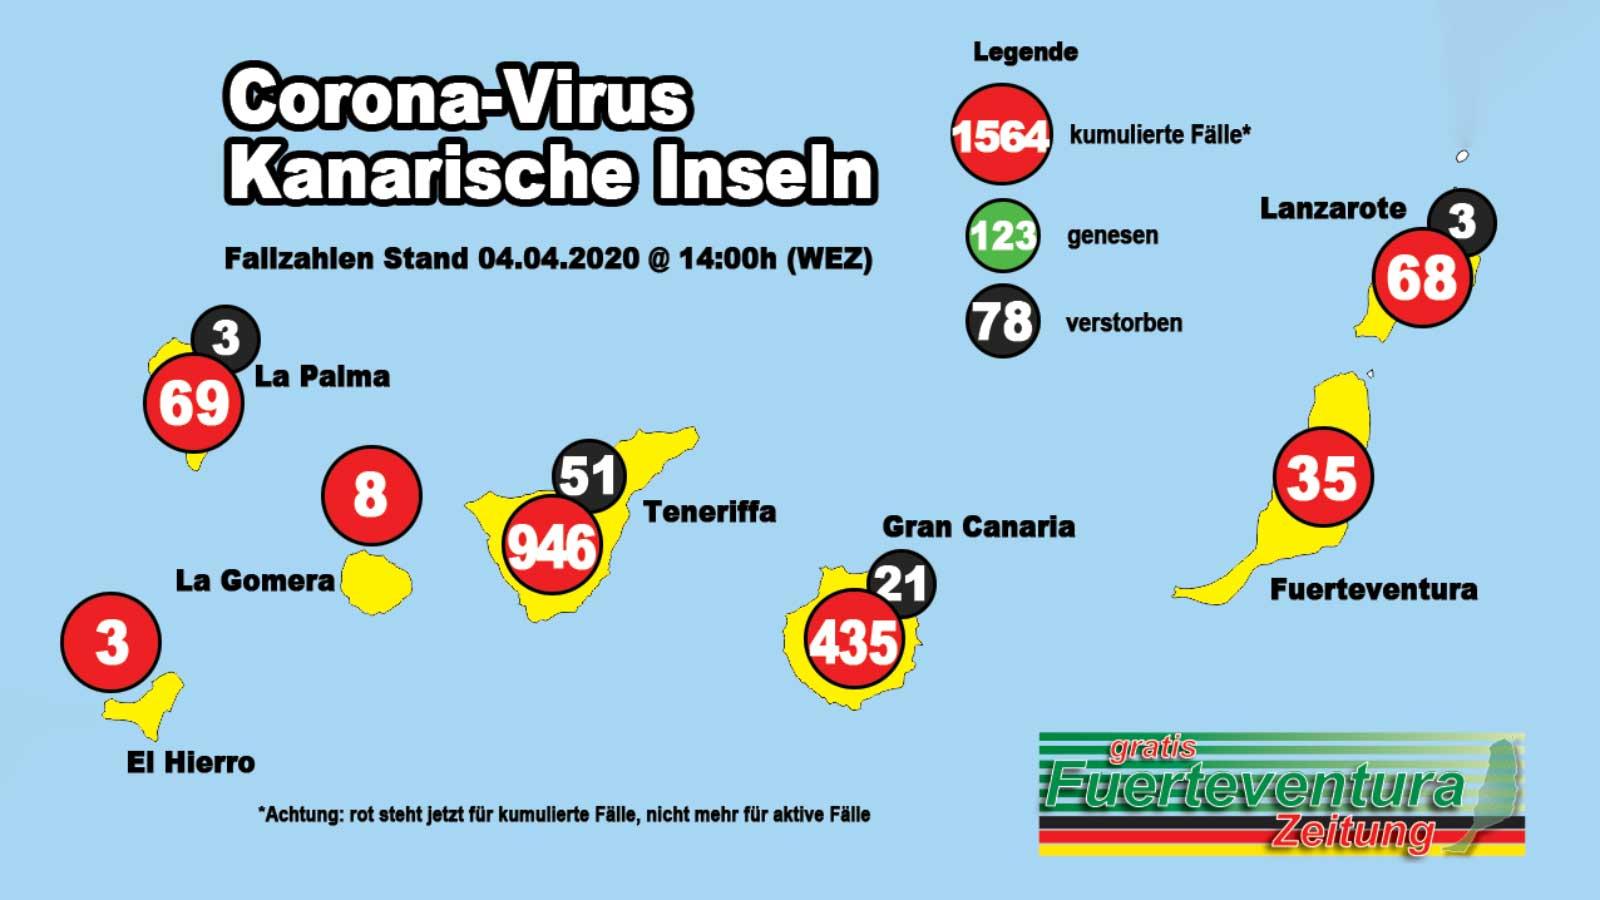 200404-1400-Corona-Virus-Kanarische-Inseln-Karte